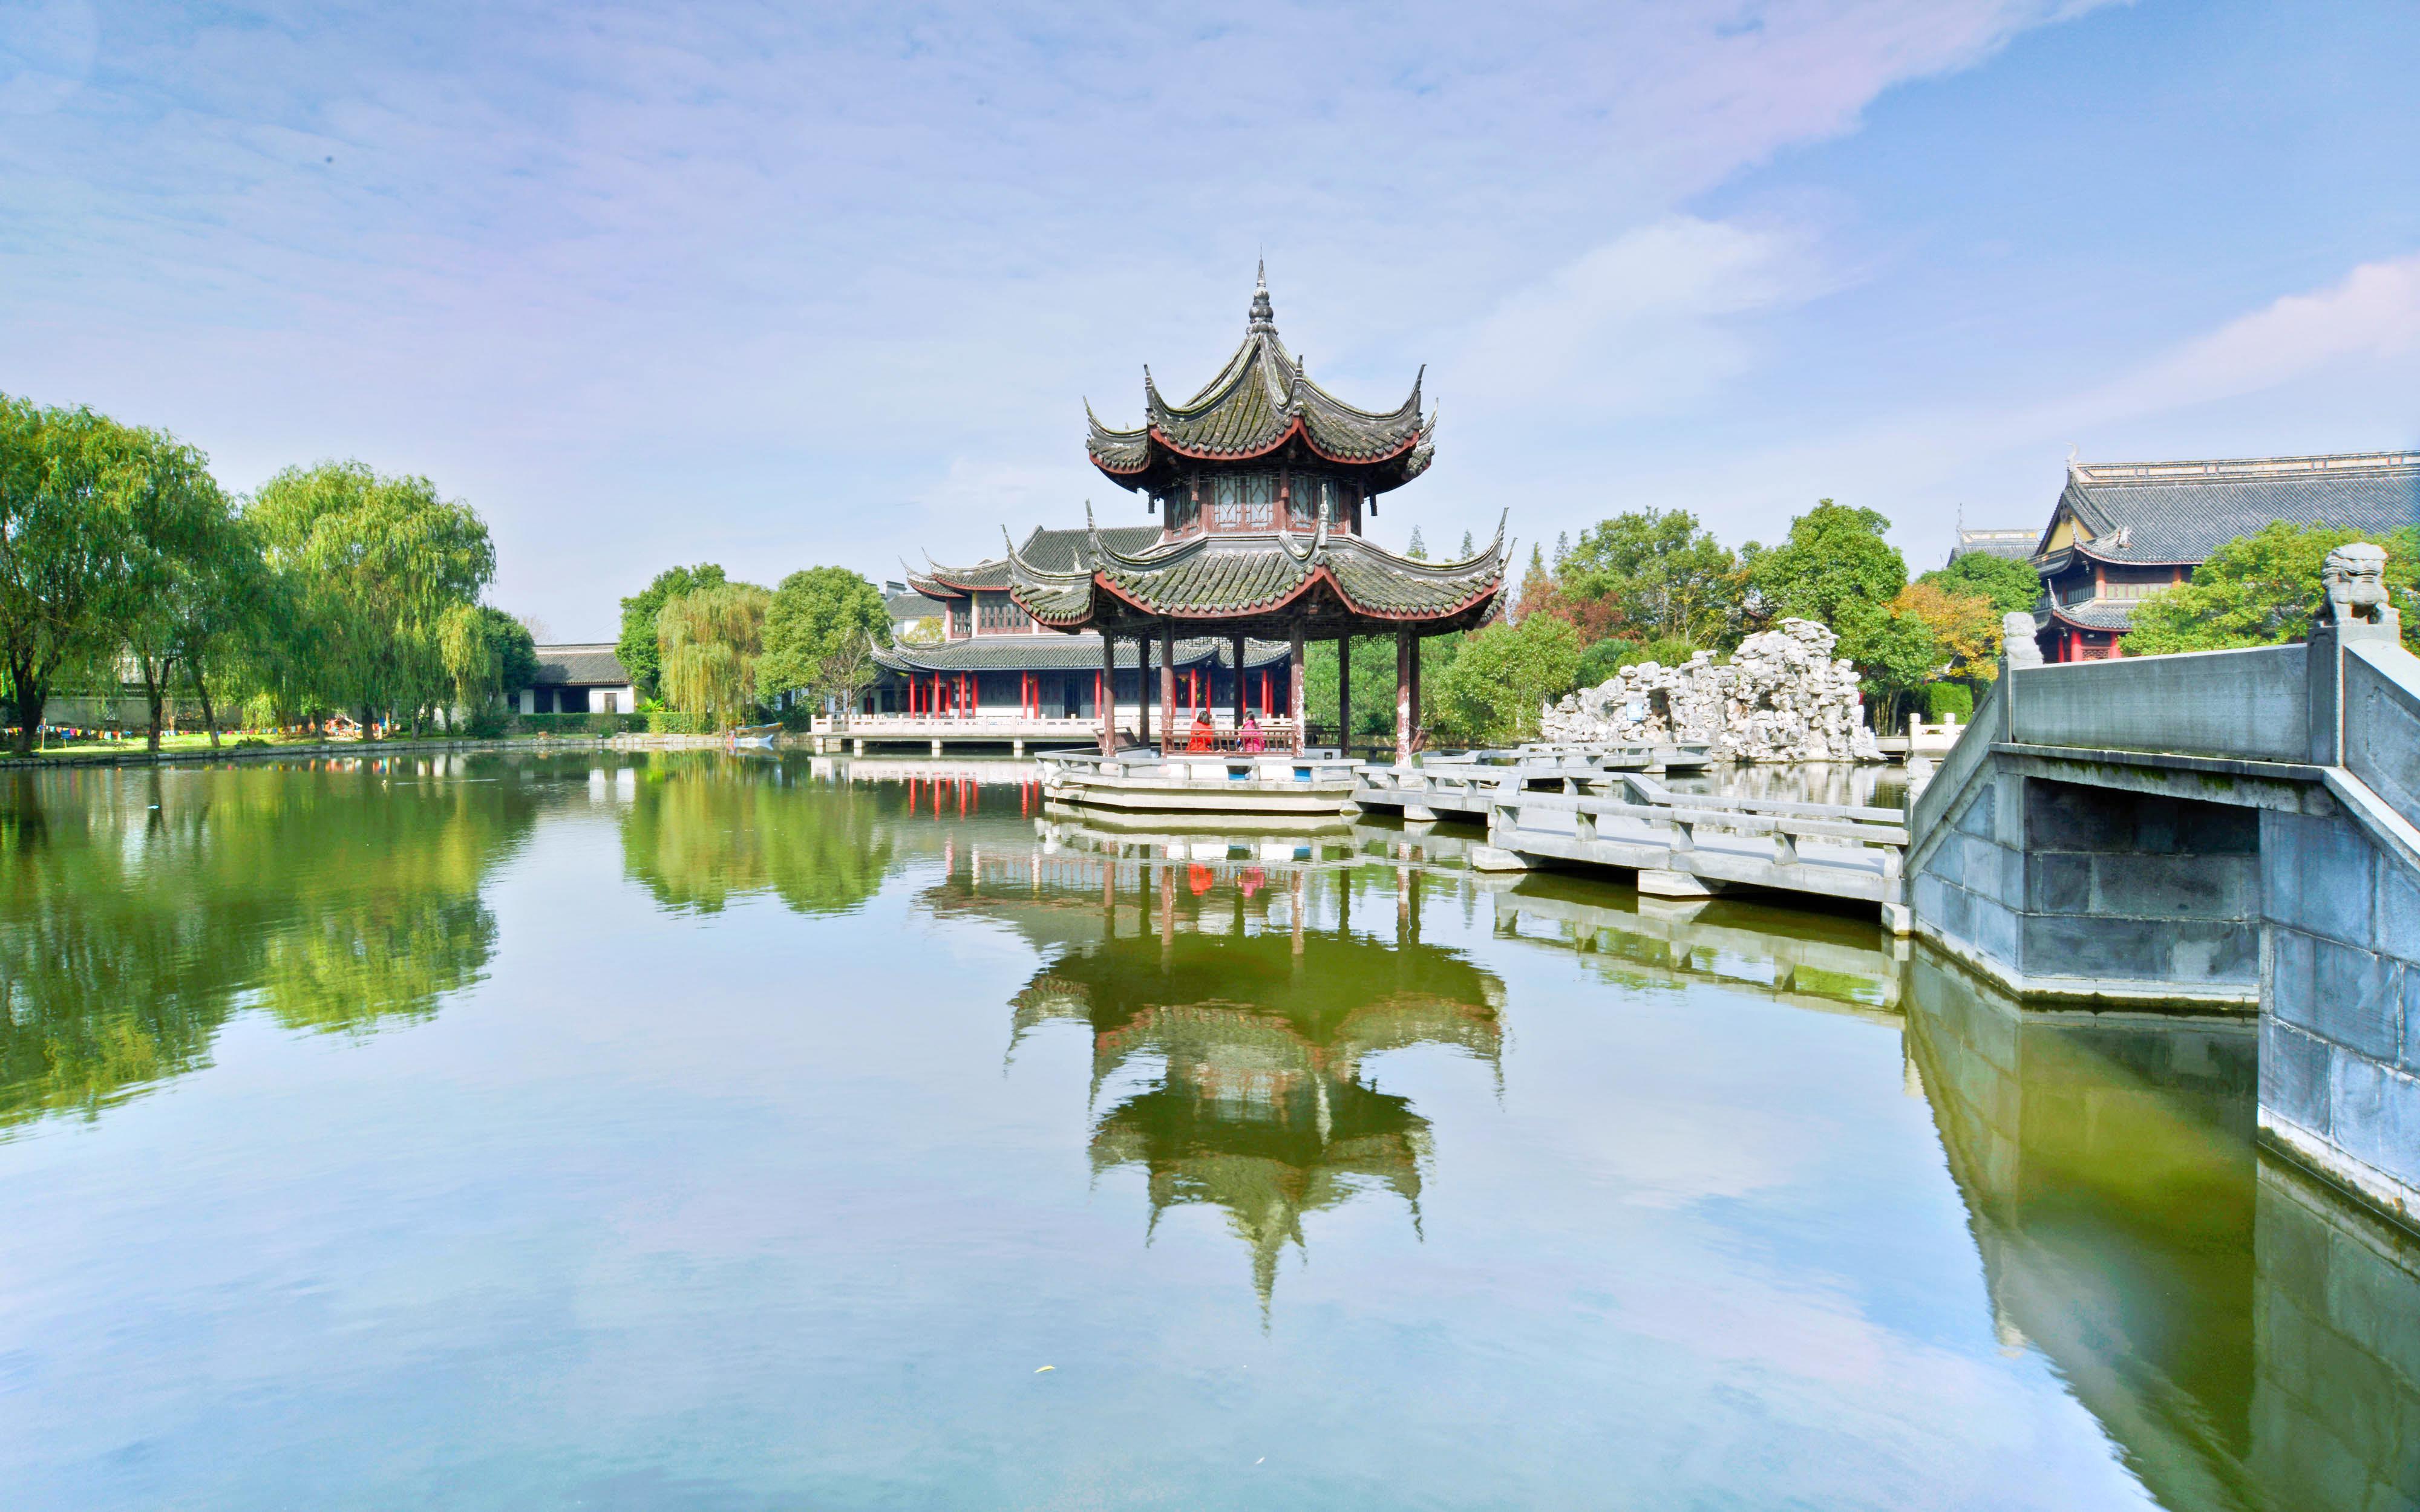 Nanhu Qiuyue Garden